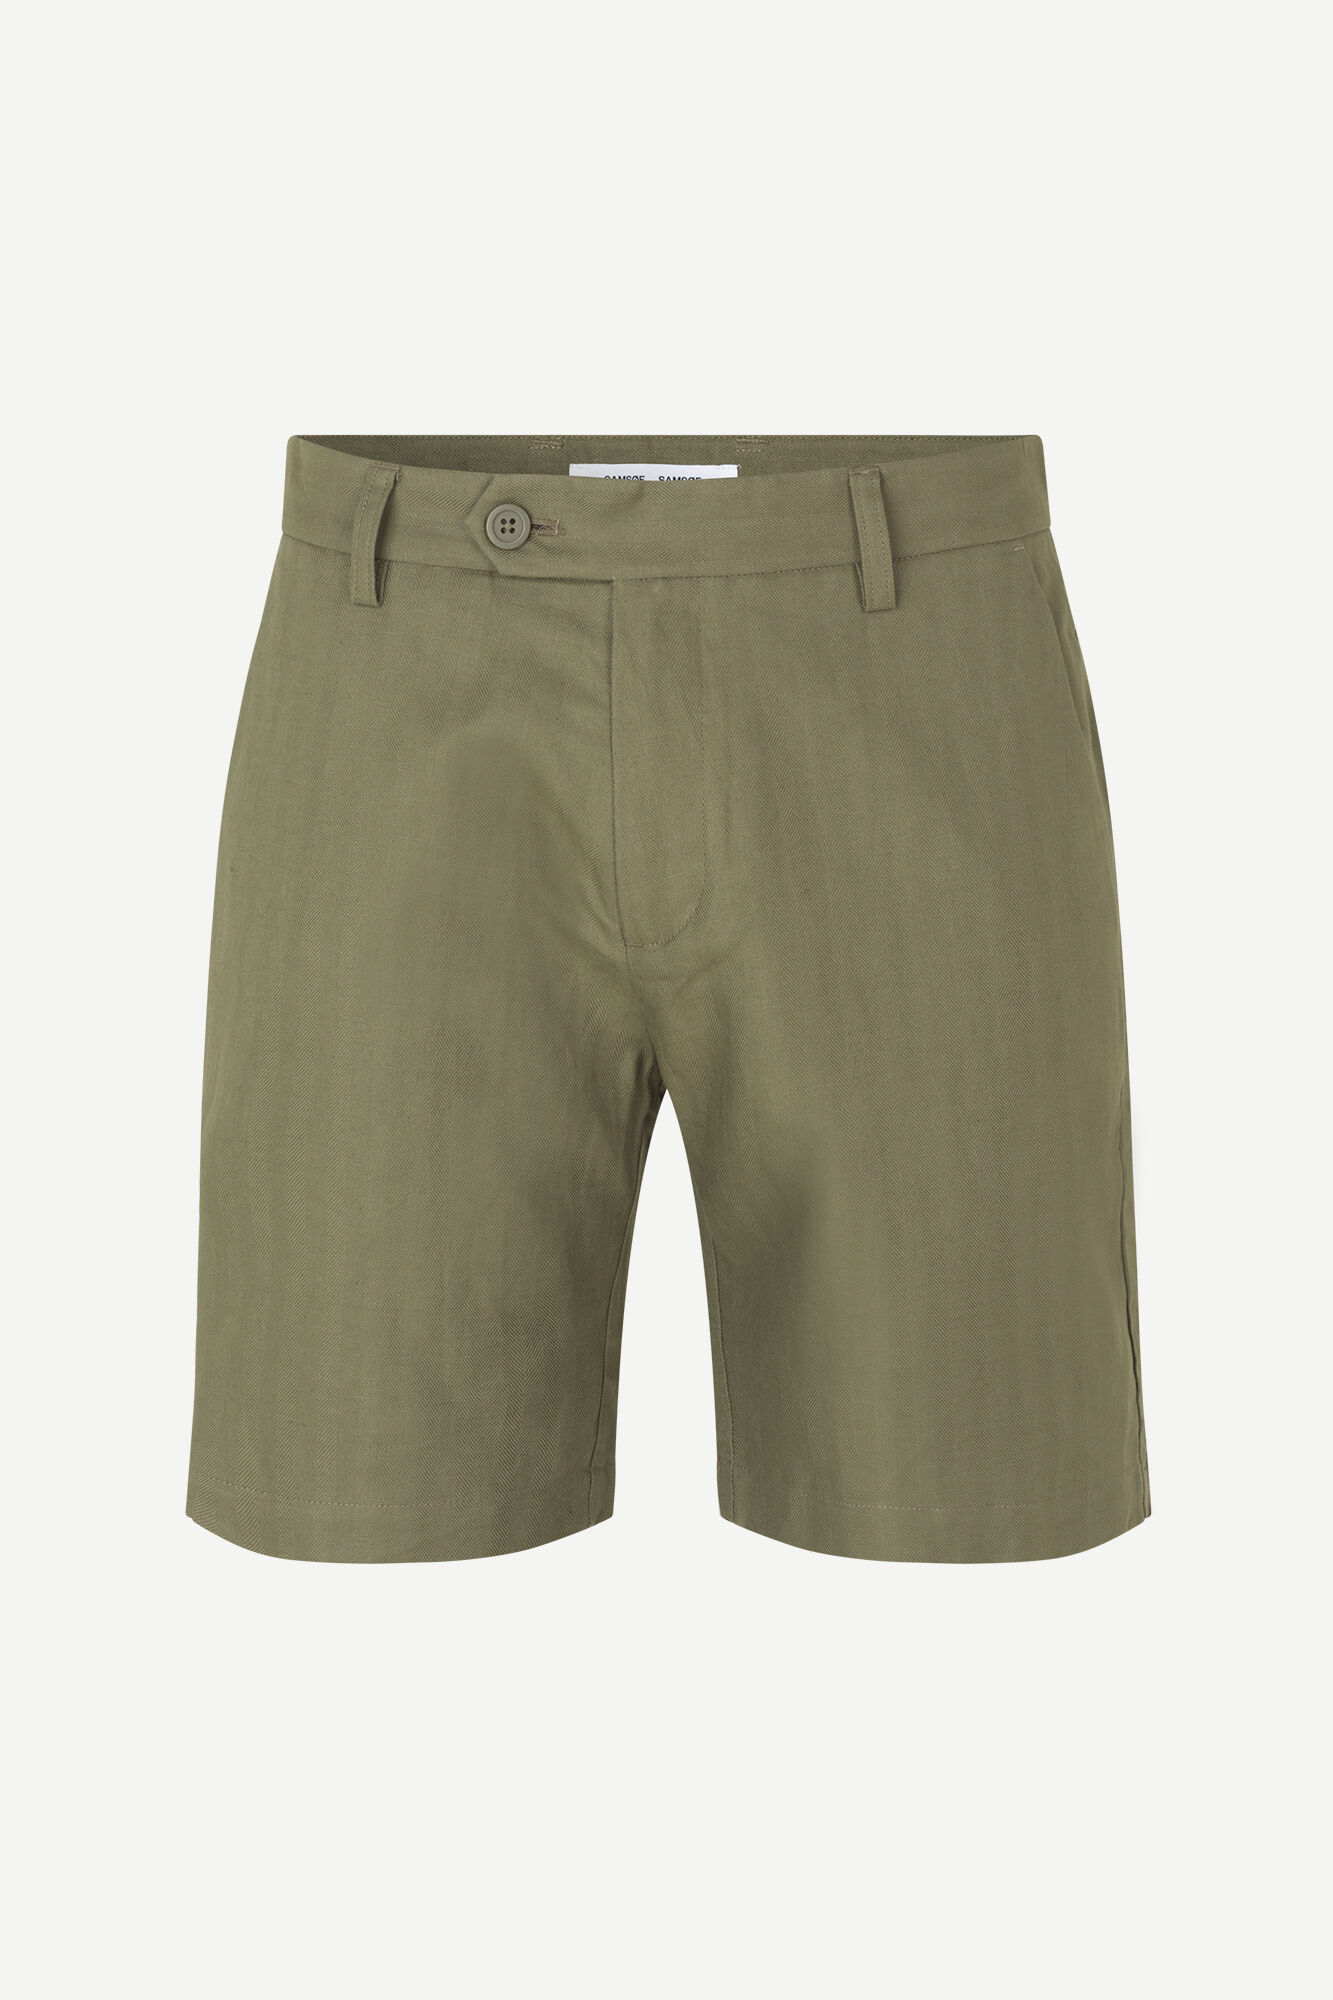 Hals shorts 11535